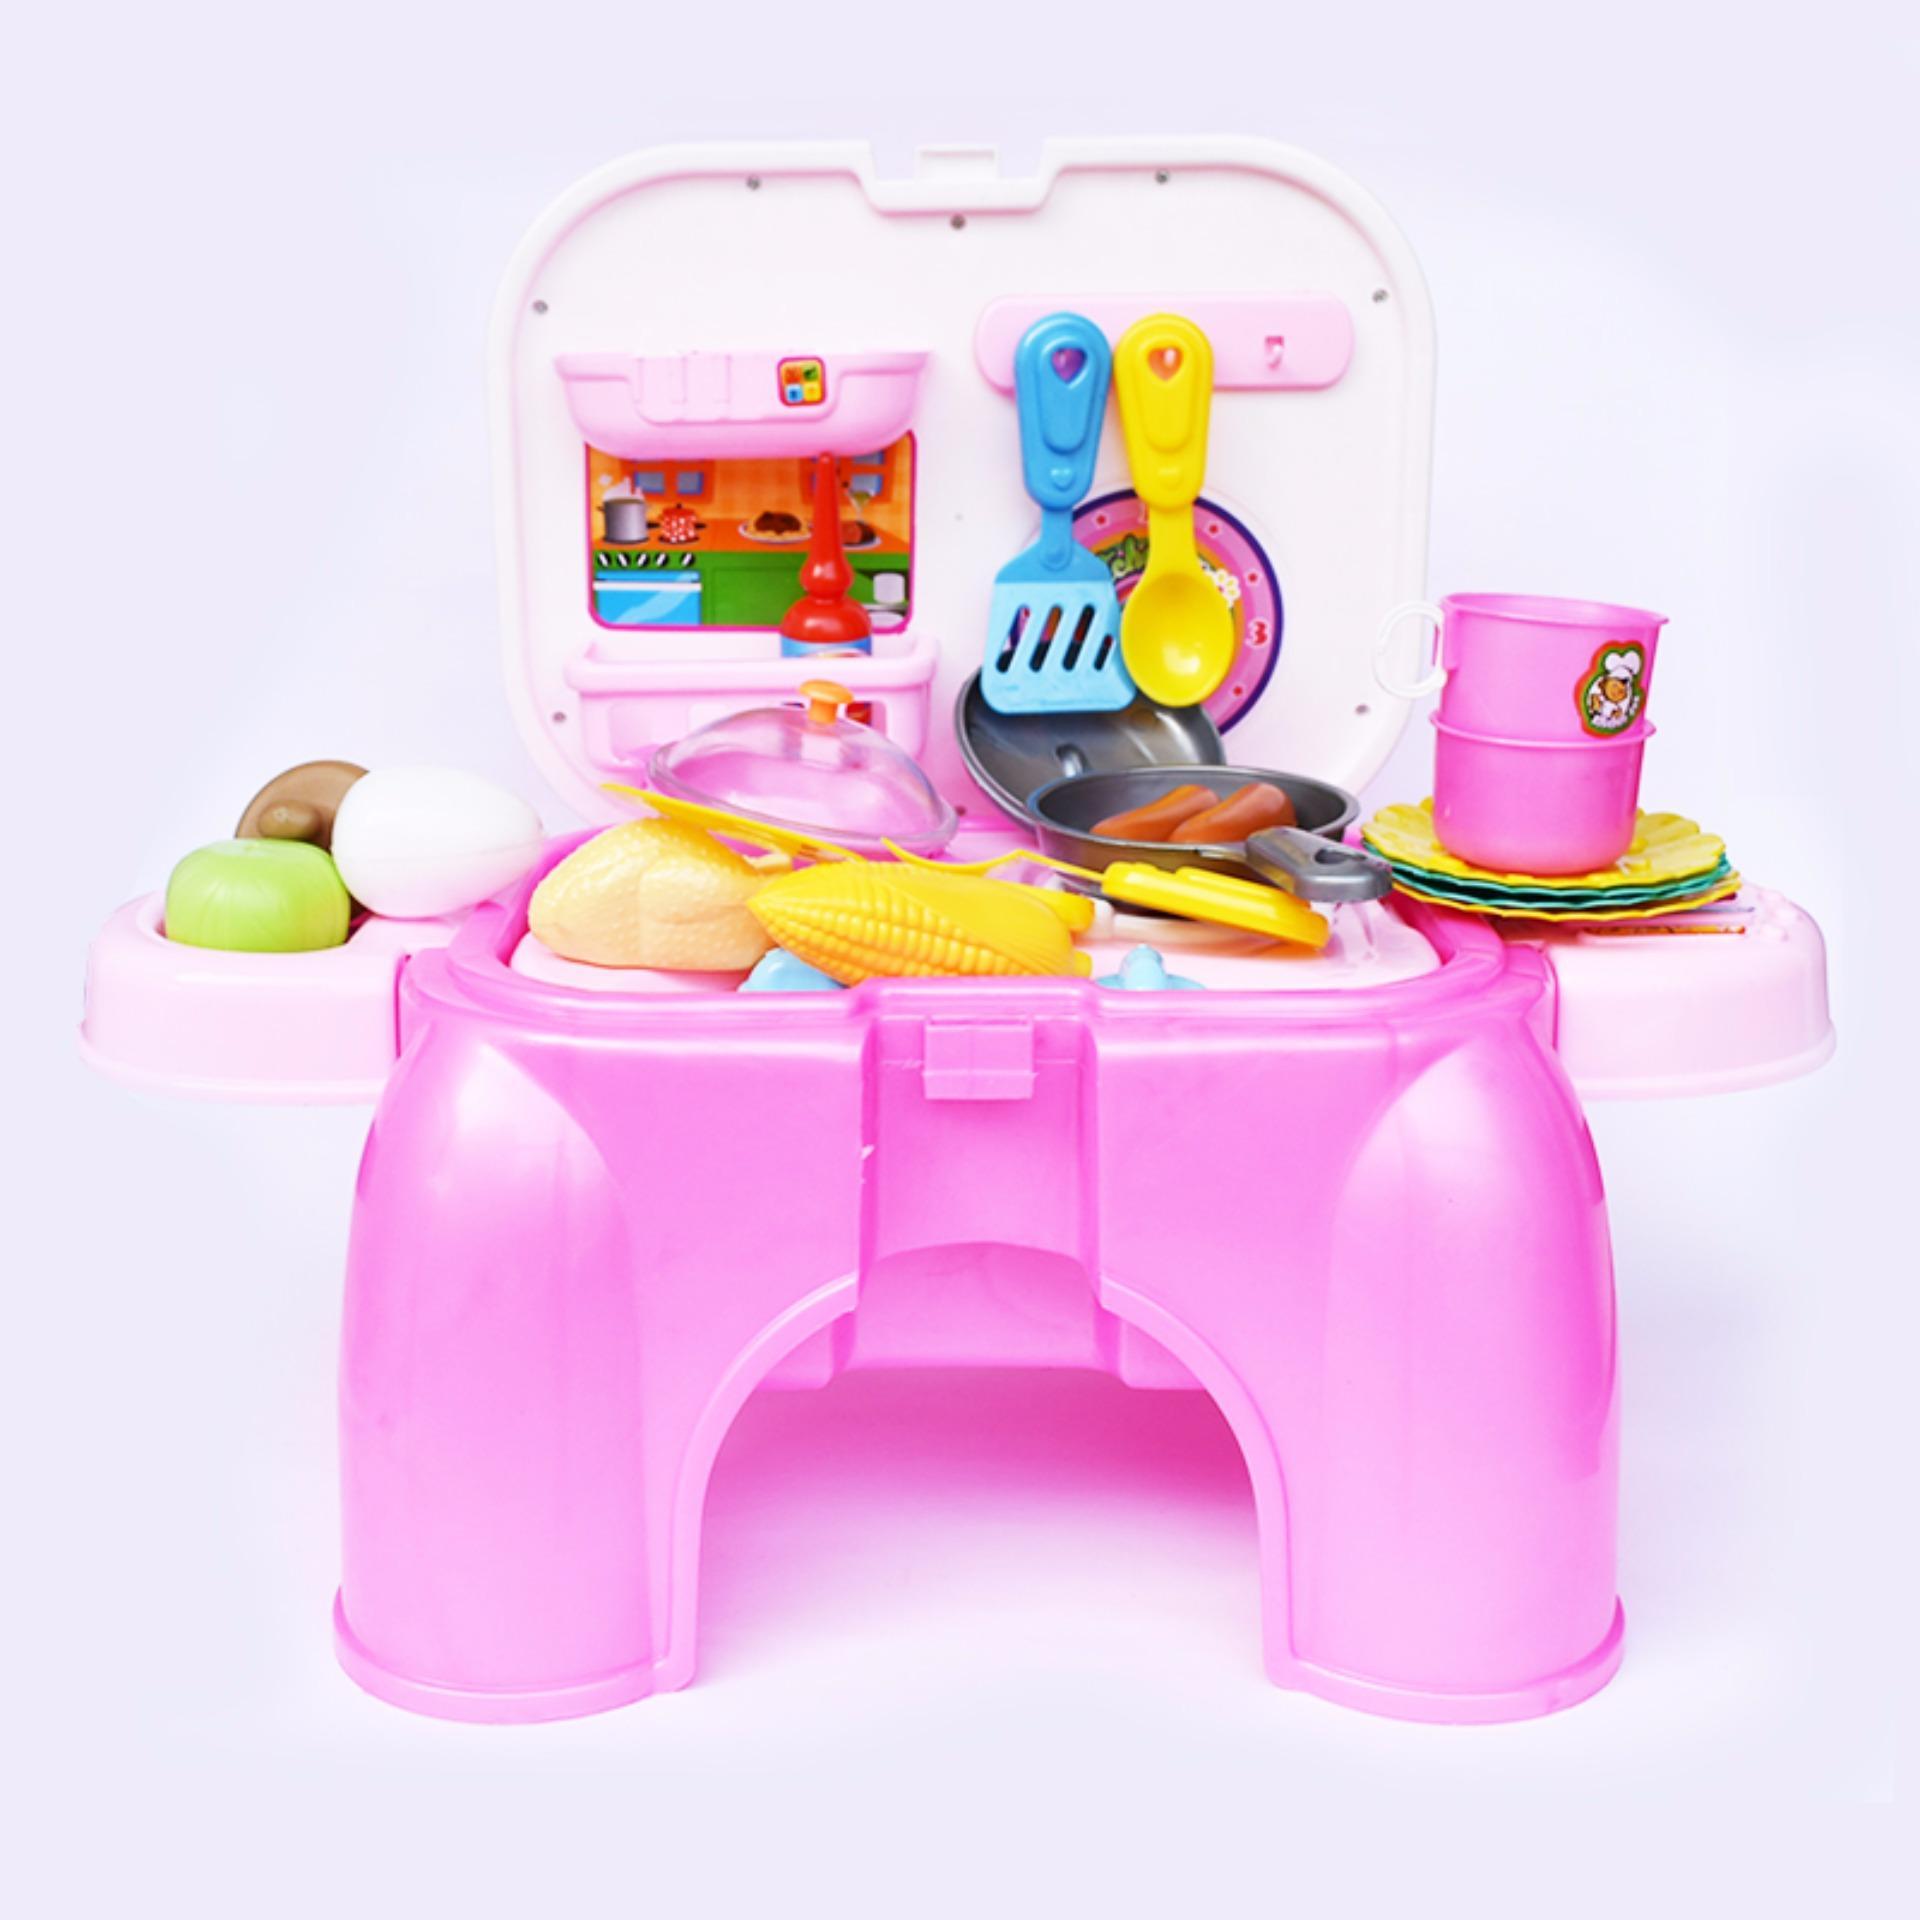 SNETOYS - Mainan Kitchen Set , Mainan Masak-masakan, lengkap dengan Tungku dan Peratalan dapur